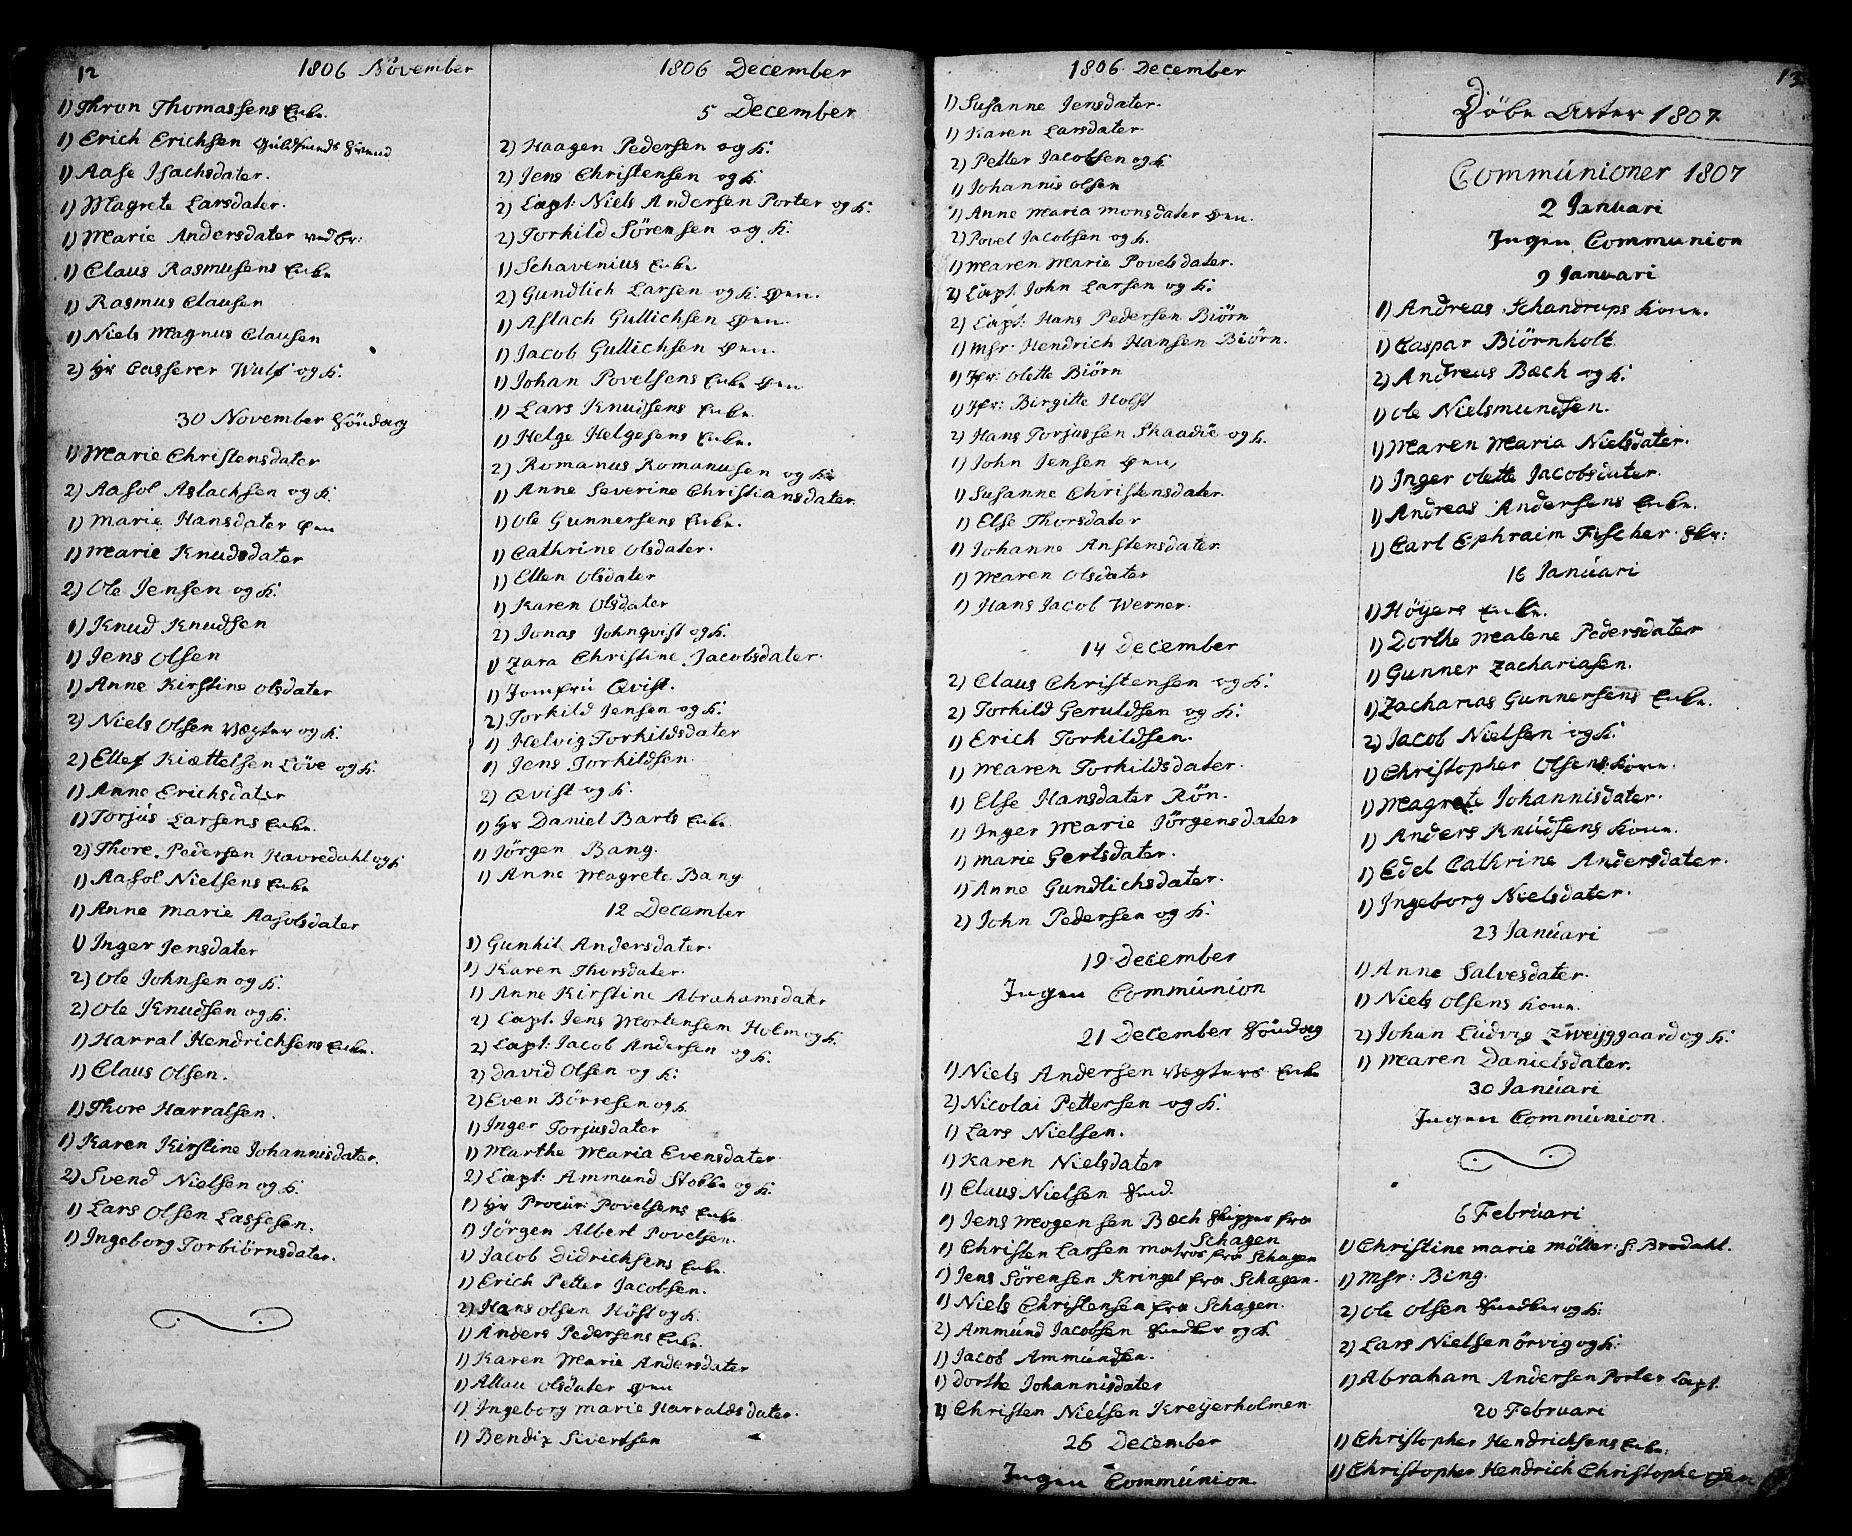 SAKO, Kragerø kirkebøker, G/Ga/L0001: Klokkerbok nr. 1 /1, 1806-1811, s. 12-13